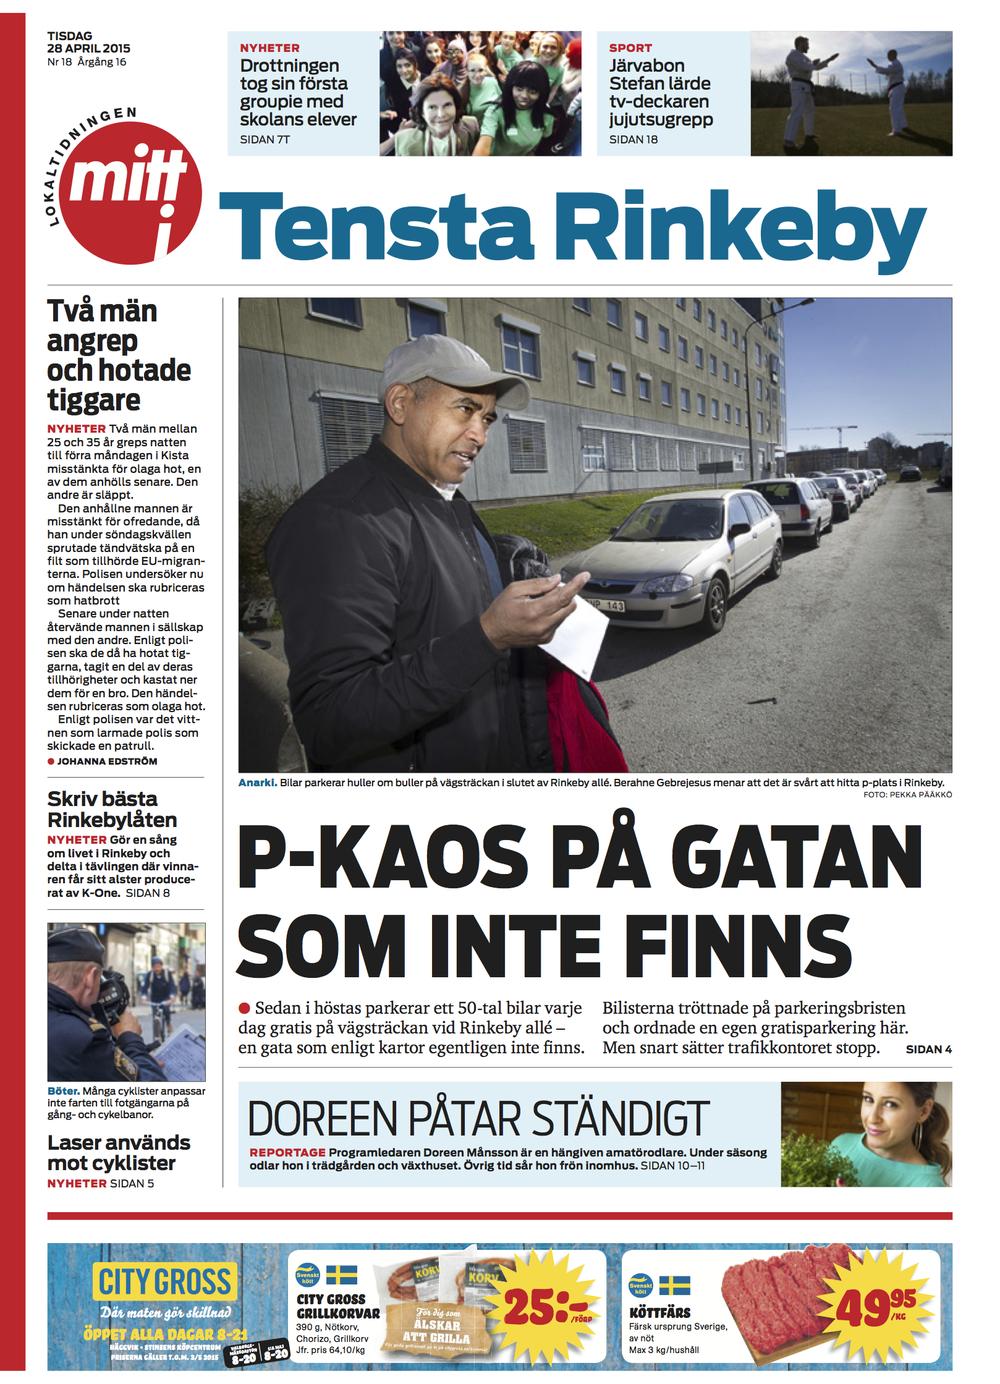 Framsida - intervju med K-One i Mitt i Tensta:Rinkeby.jpg